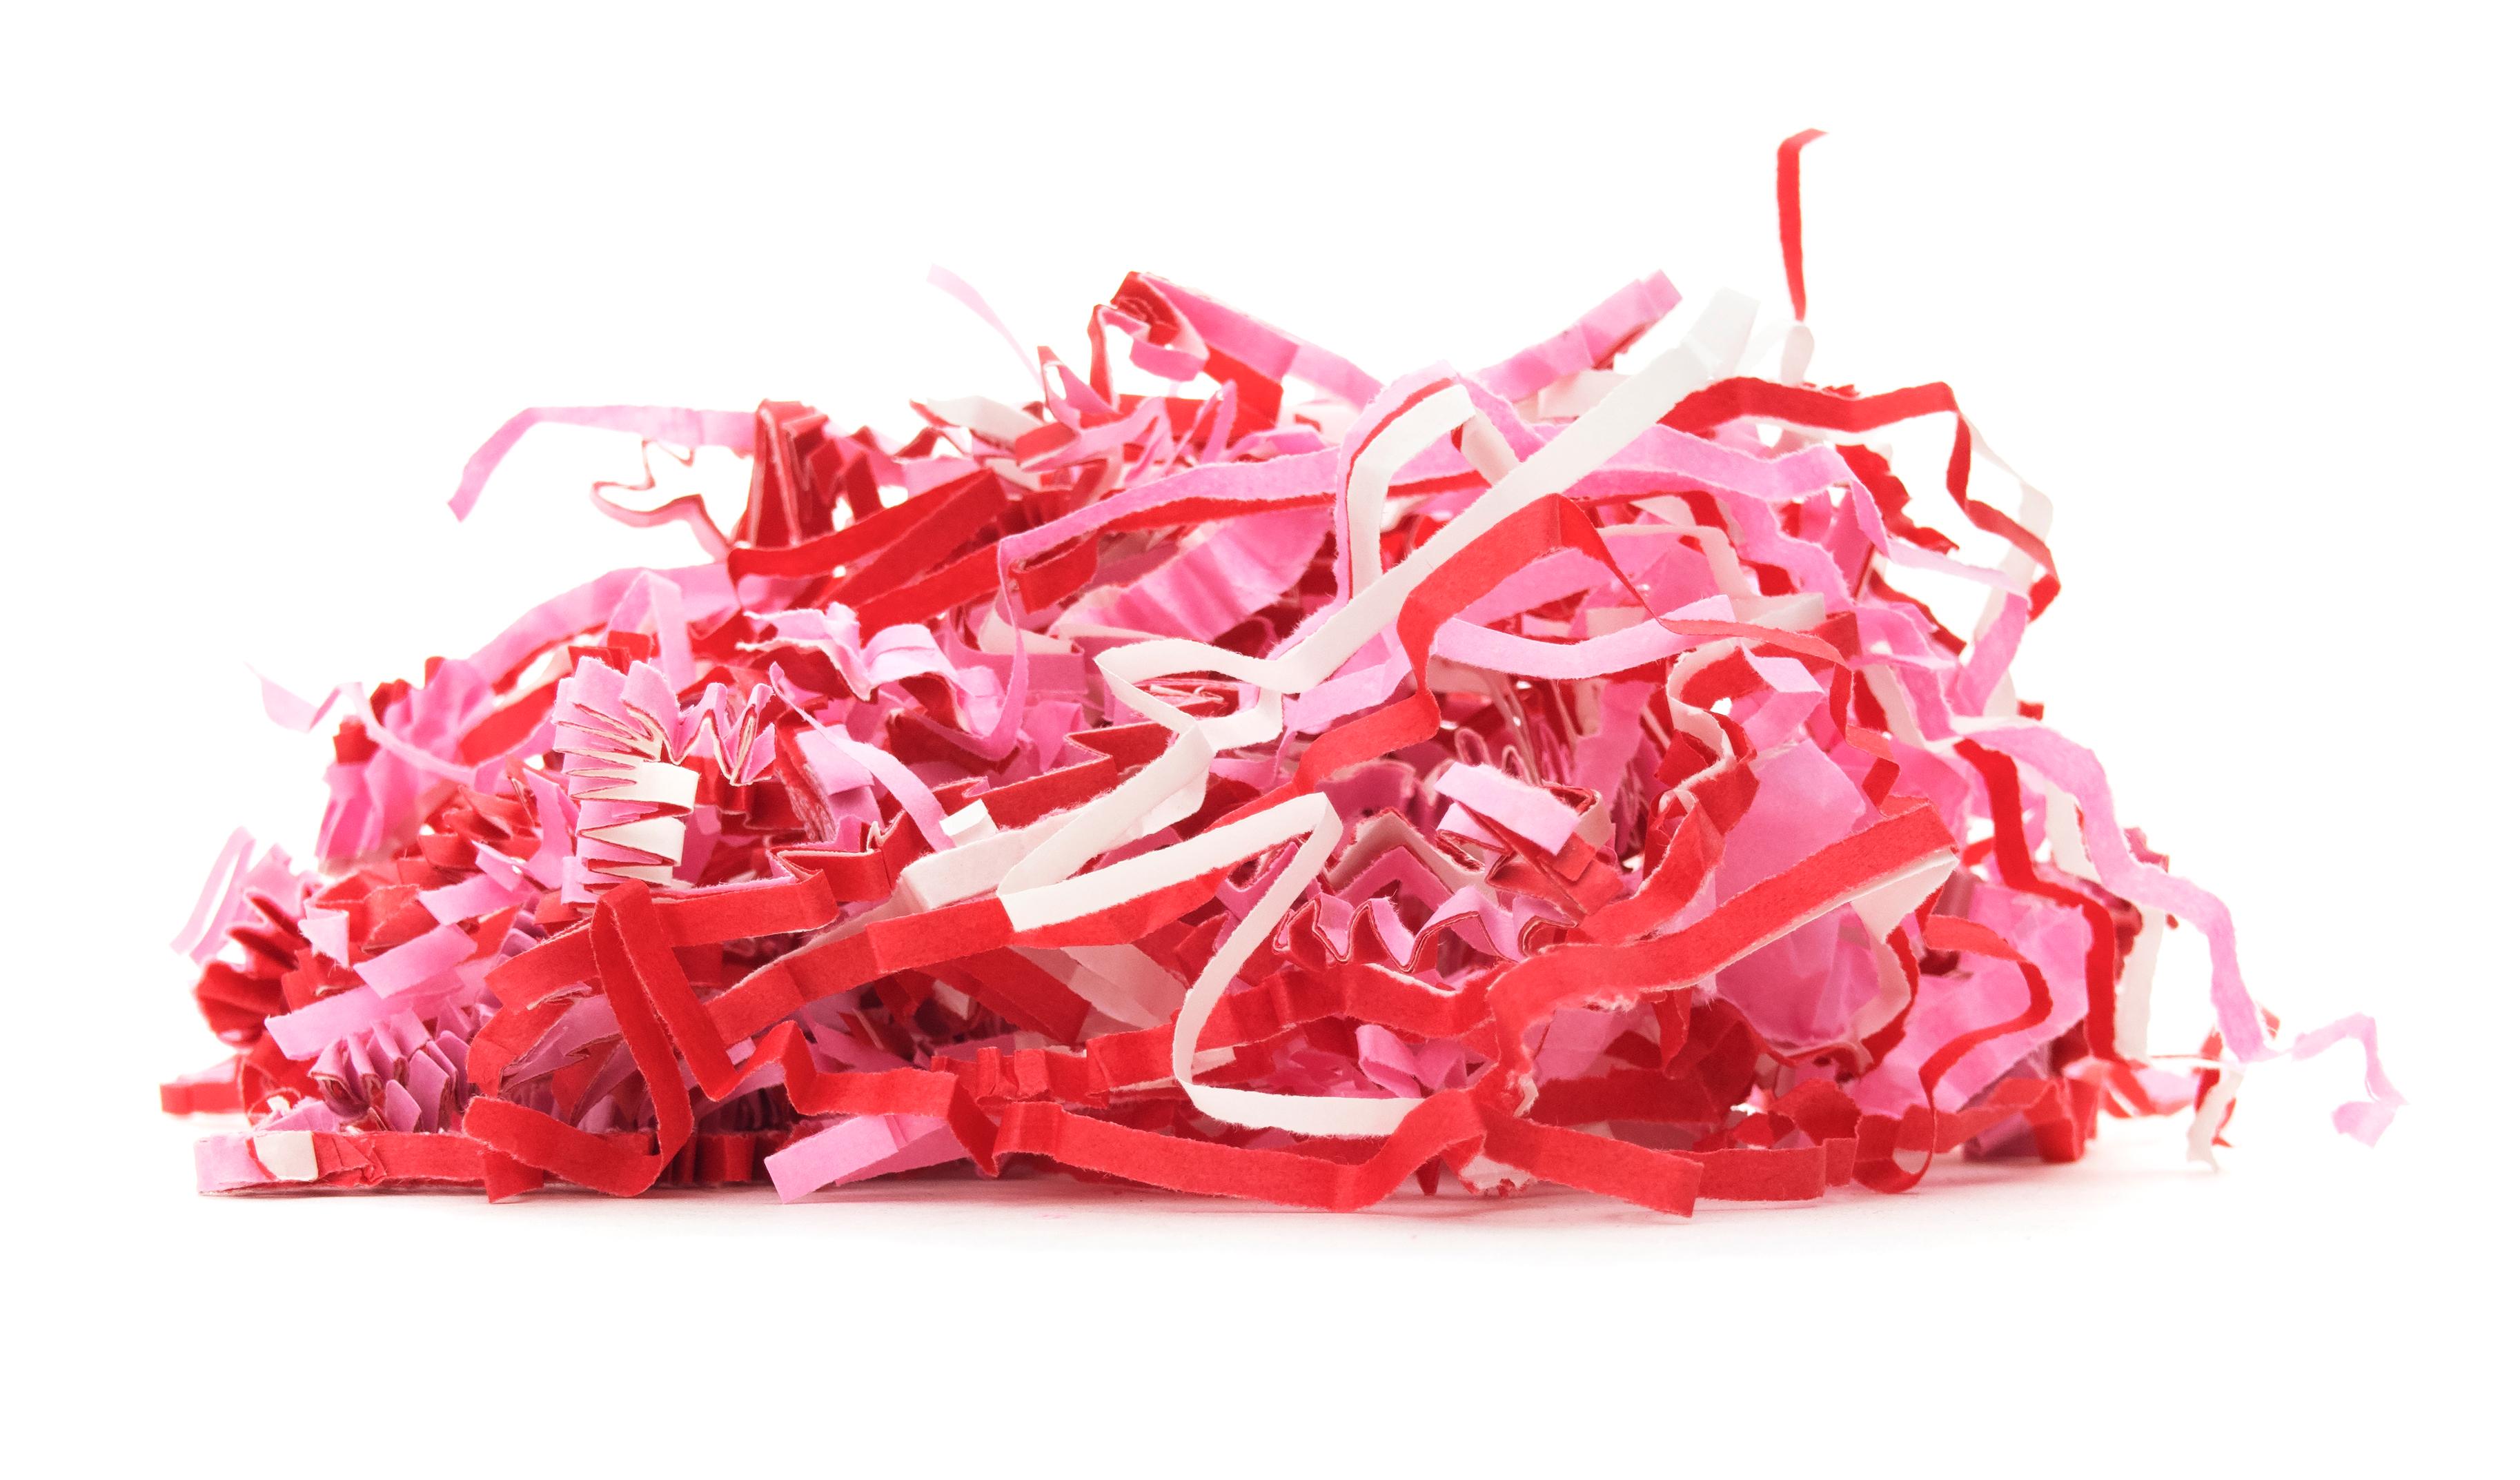 shredded confetti